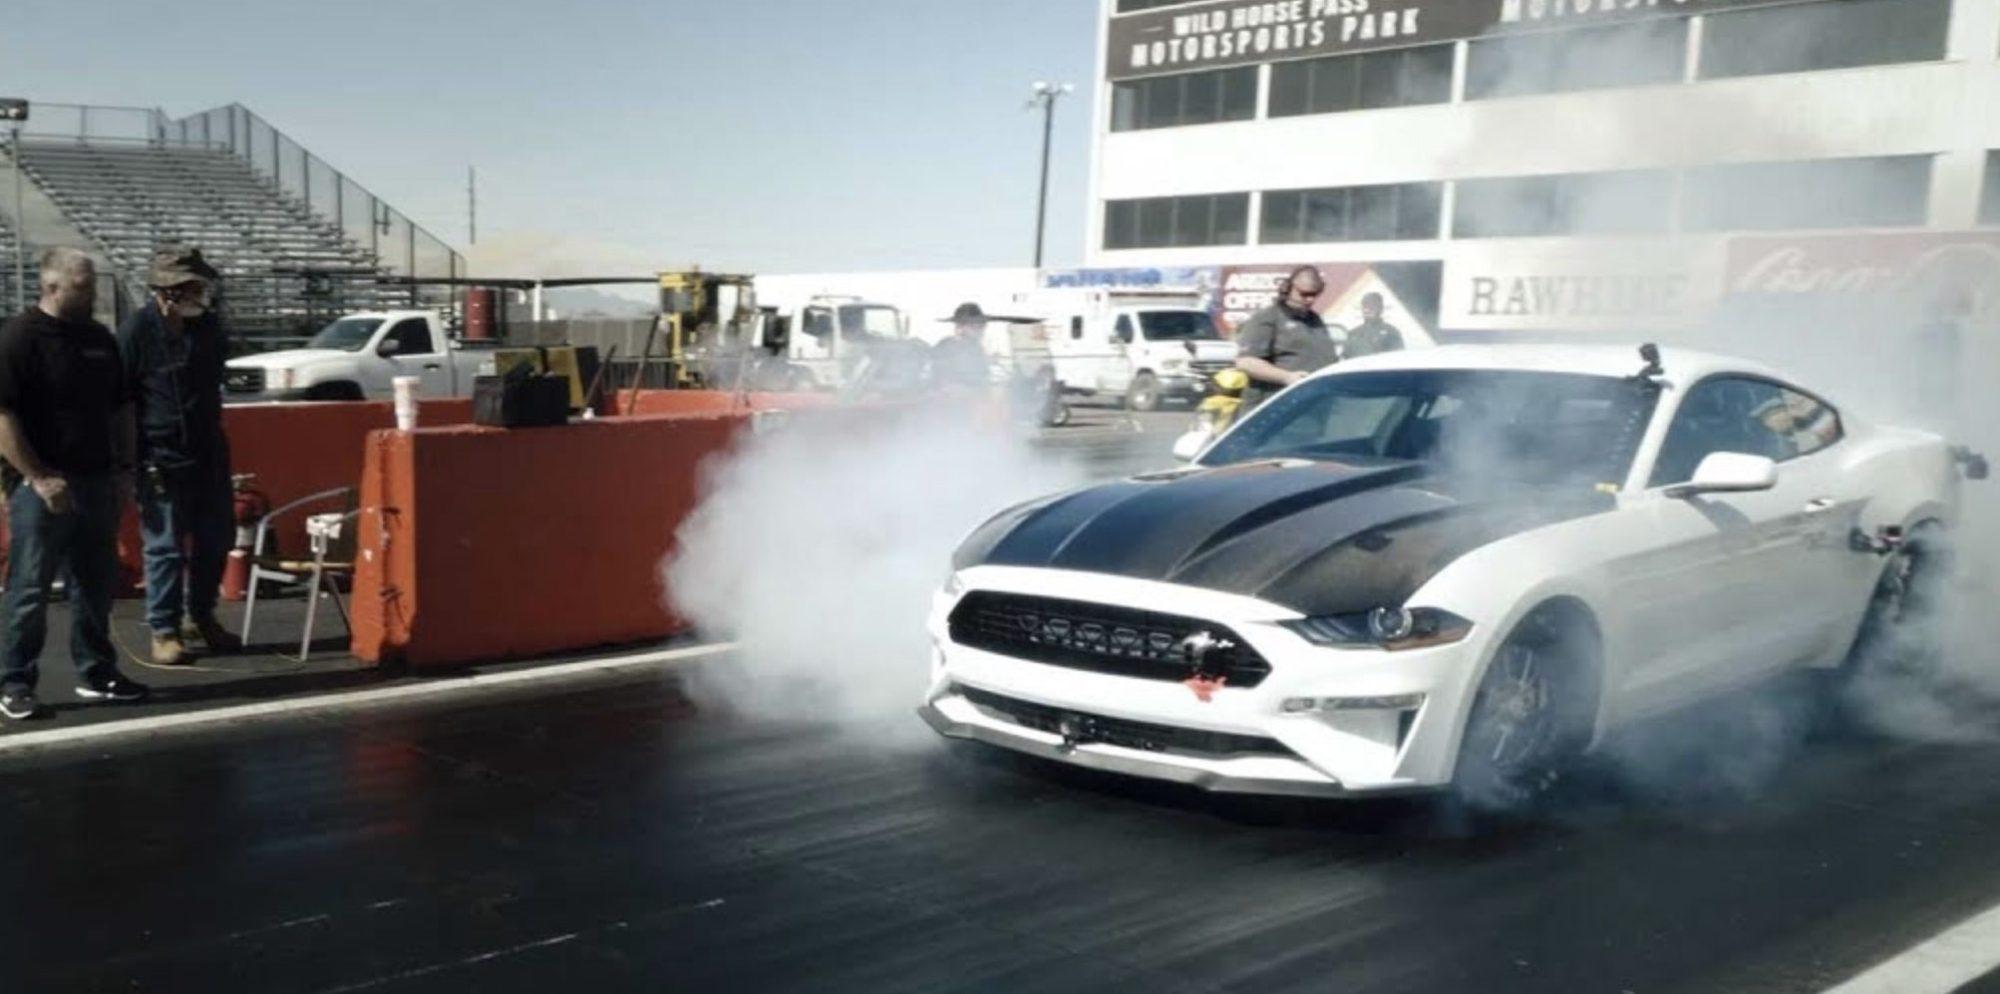 Cobra Jet 1400 : la nouvelle Ford Mustang électrique déploiera 1400 chevaux